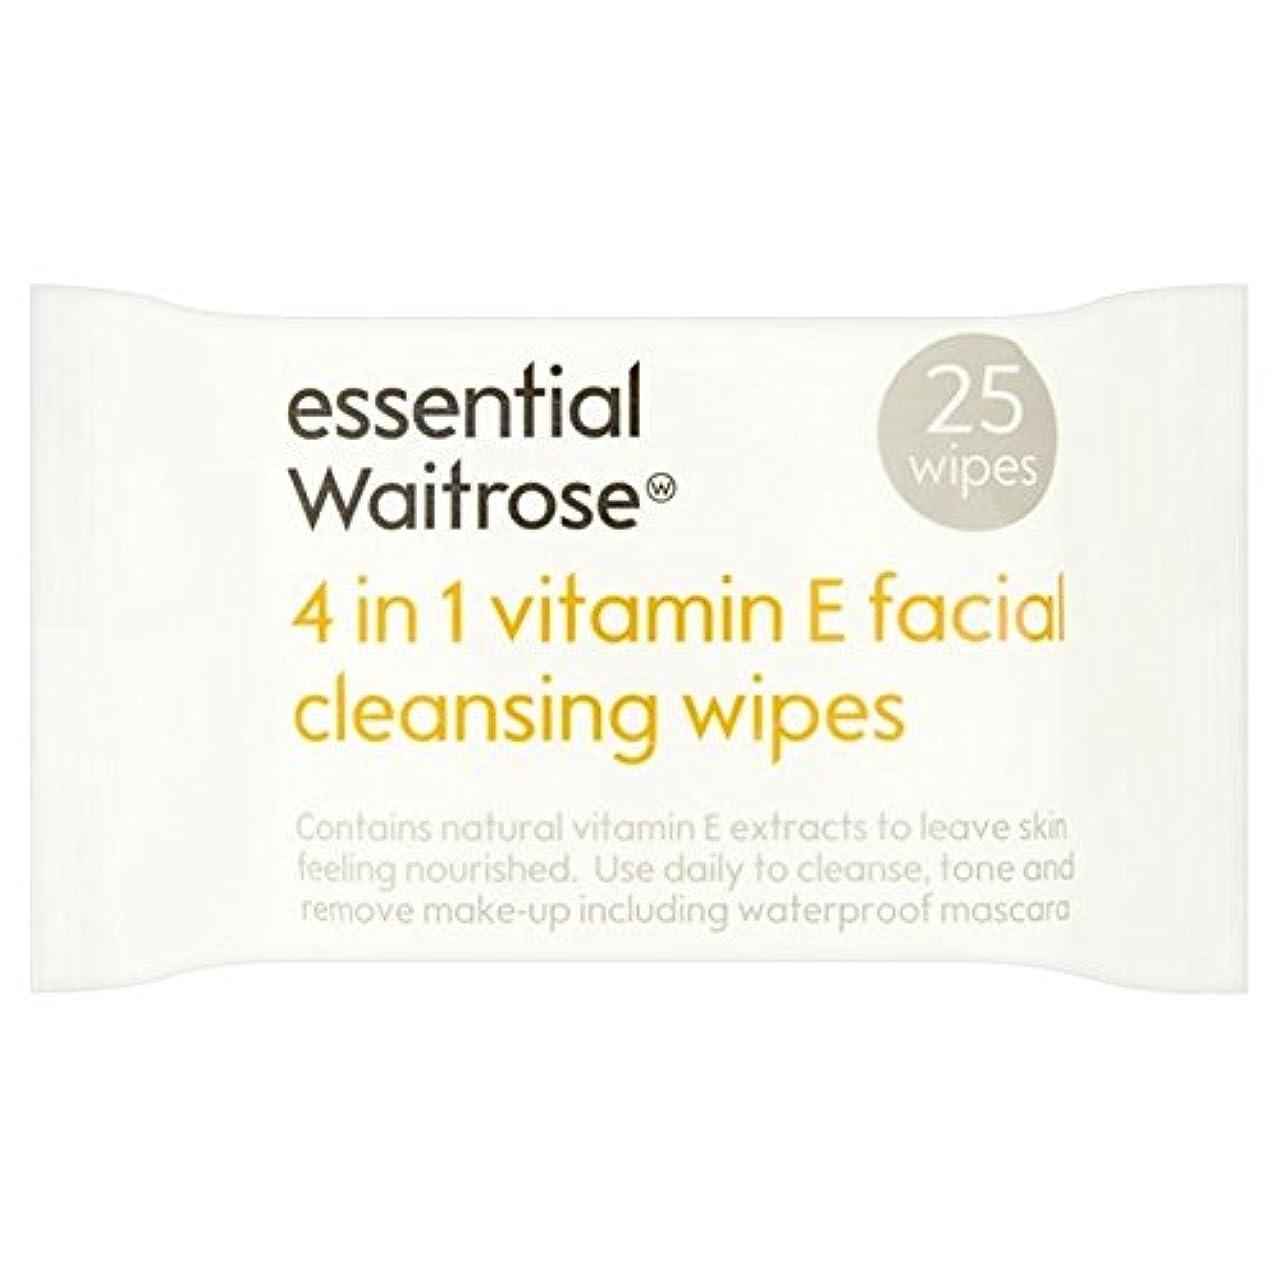 靴下エール間違っているEssential 4 in 1 Cleansing Wipes Vitamin E Waitrose 25 per pack (Pack of 6) - 1つのクレンジングで4不可欠パックあたりのビタミンウェイトローズ...